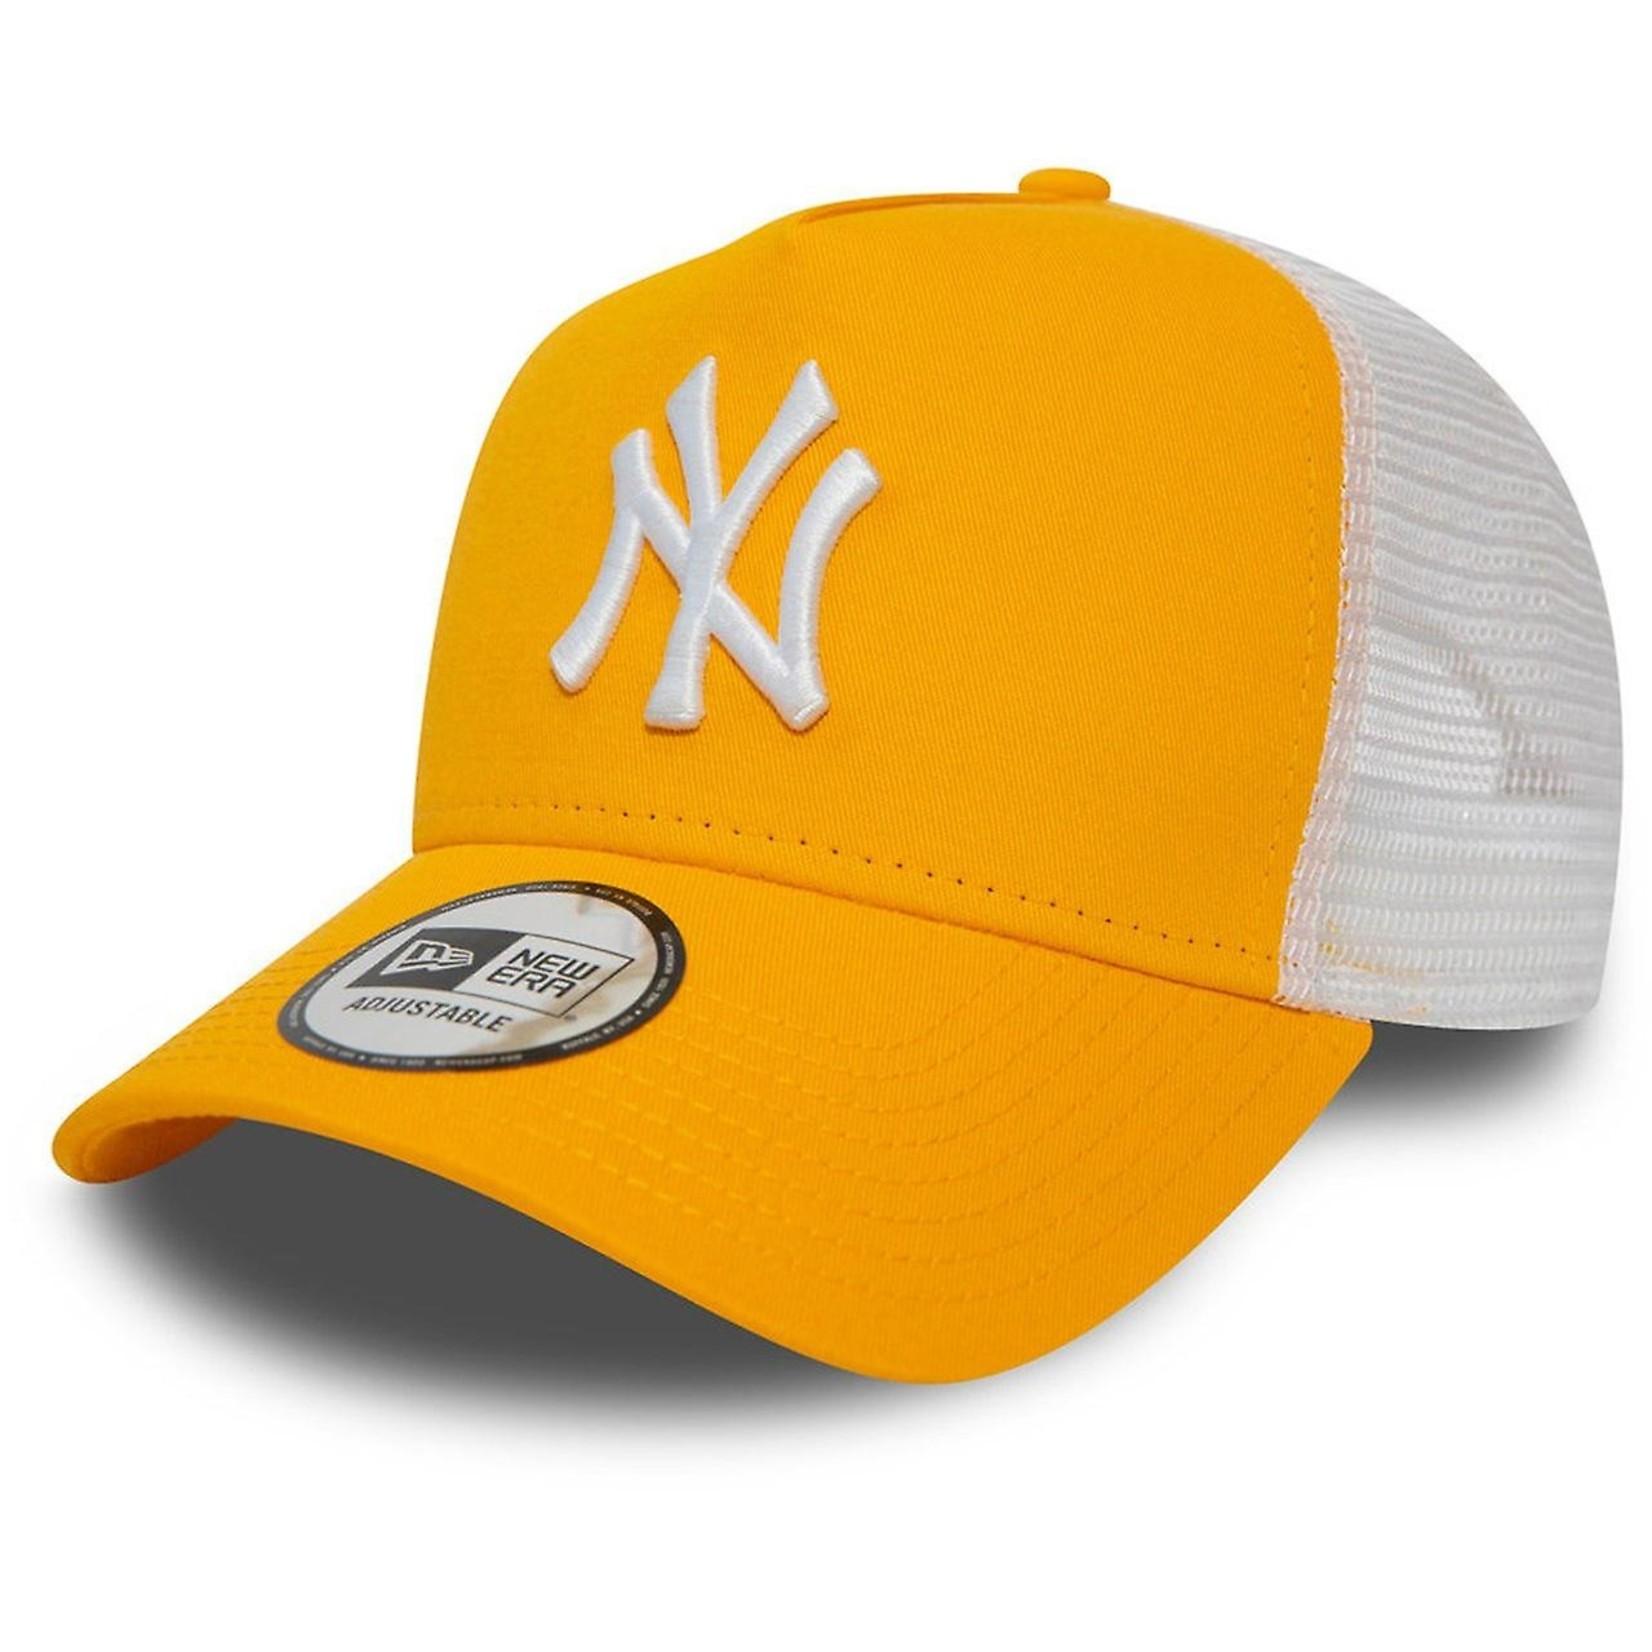 New Era NY Trucker Yellow/White adjustable